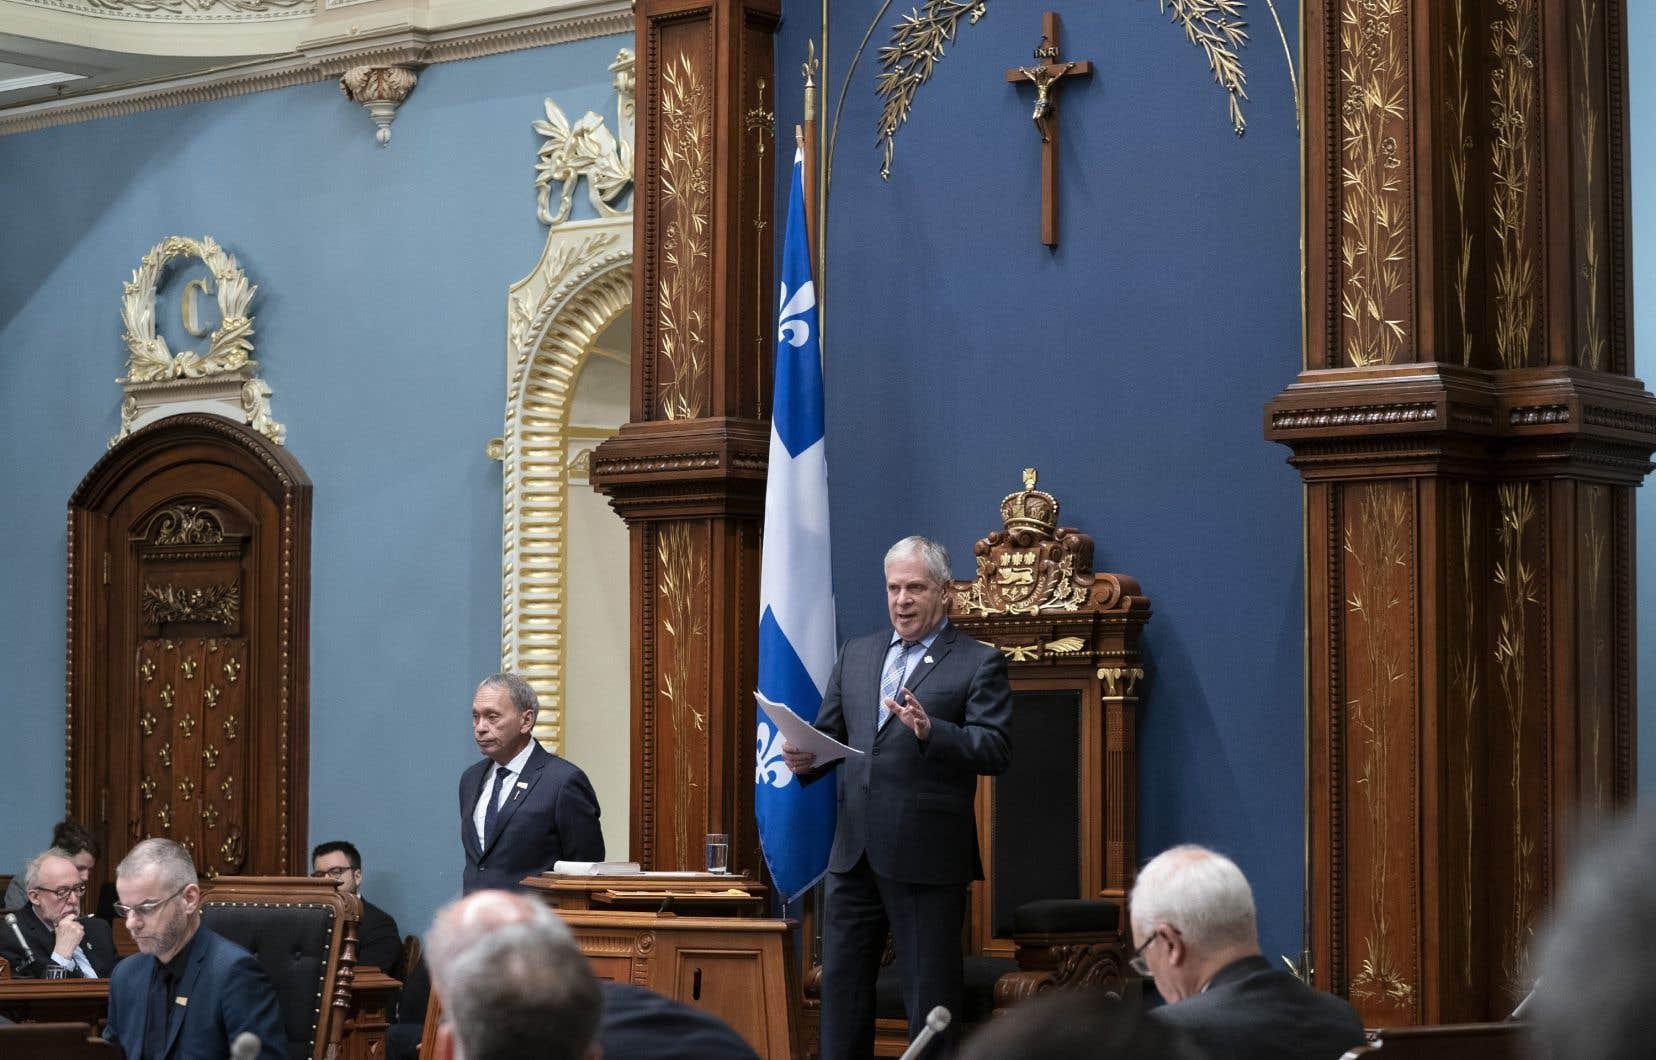 L'Assemblée désirait que la cérémonie demeure privée, afin de «faire ça simple»; mais aussi pour préserver l'anonymat de l'employé chargé du décrochage du crucifix.